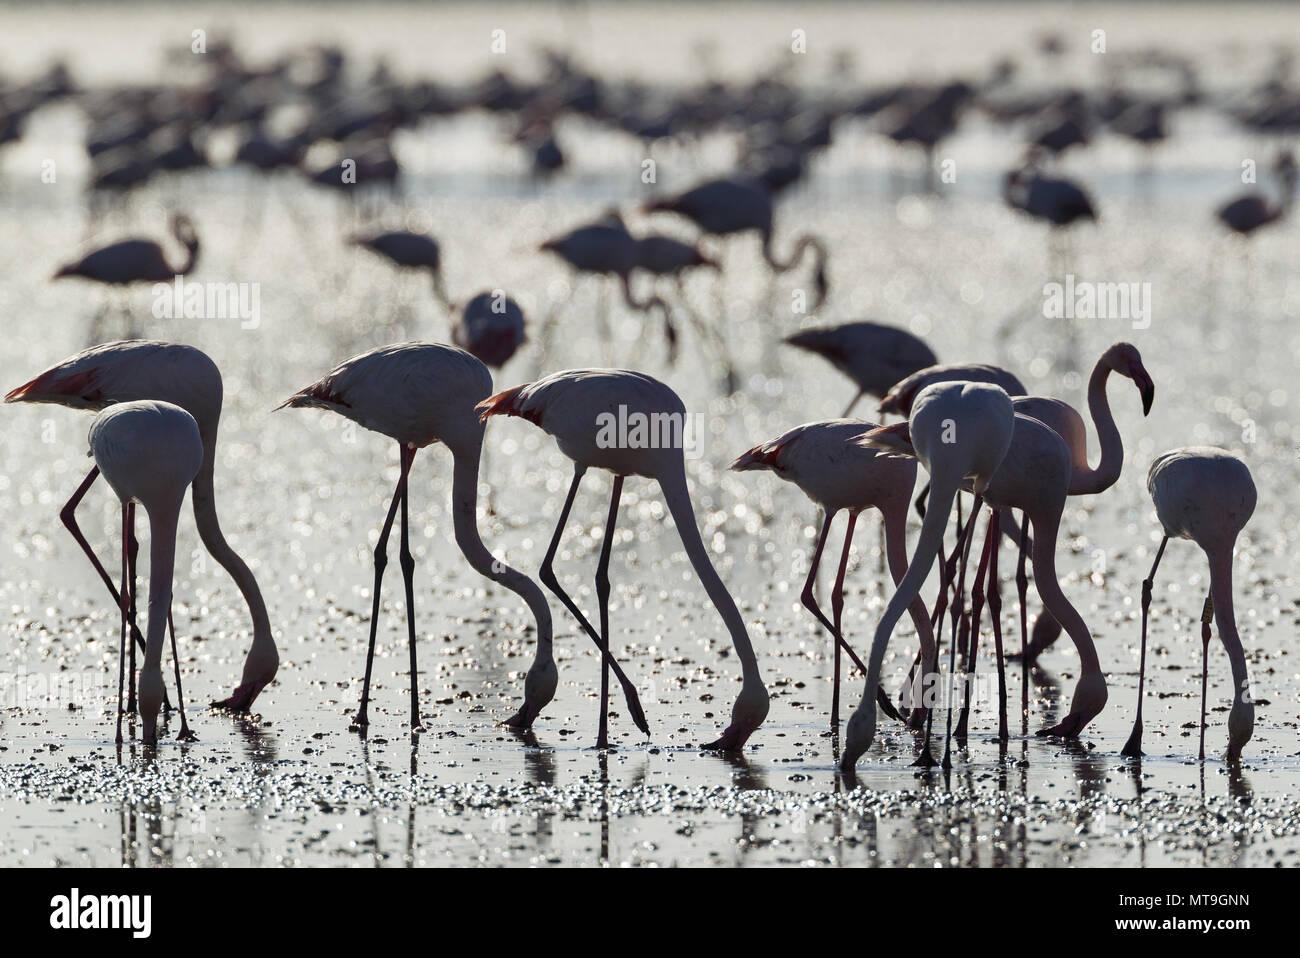 Flamant rose (Phoenicopterus roseus). Se nourrir en filtrant l'eau avec leur bec. À la Laguna de Fuente de Piedra, près de la ville d'Antequera. C'est le plus grand lac naturel de l'Andalousie et l'Europe est qu'à l'intérieur des terres de reproduction pour cette espèce. La province de Malaga, Andalousie, espagne. Photo Stock